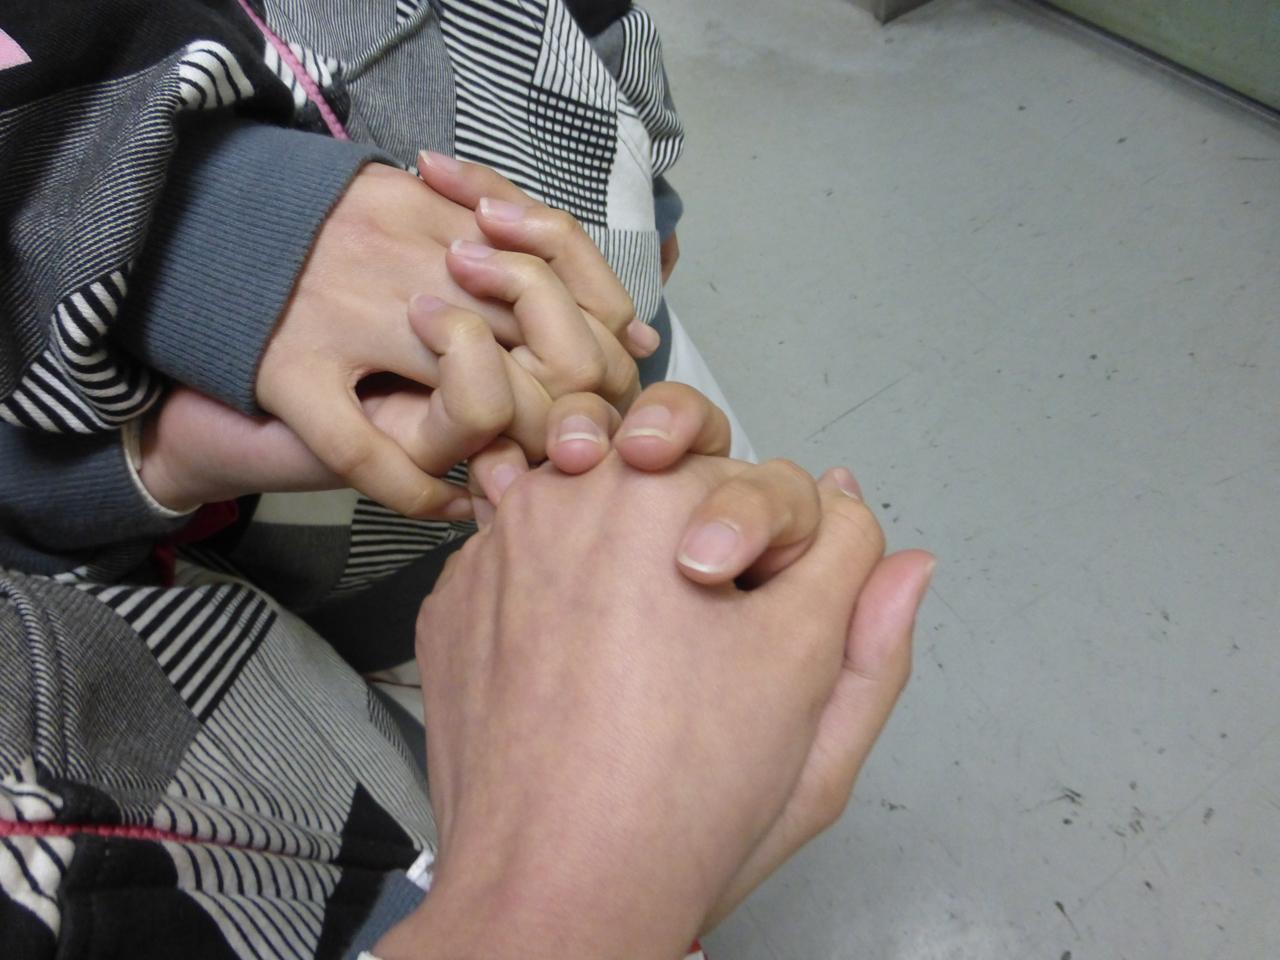 イベント前は緊張するようで、割とメンバー同士で手を握り合っている事が多いですね。♪手をつないーでーいこー。(ばってん少女隊)